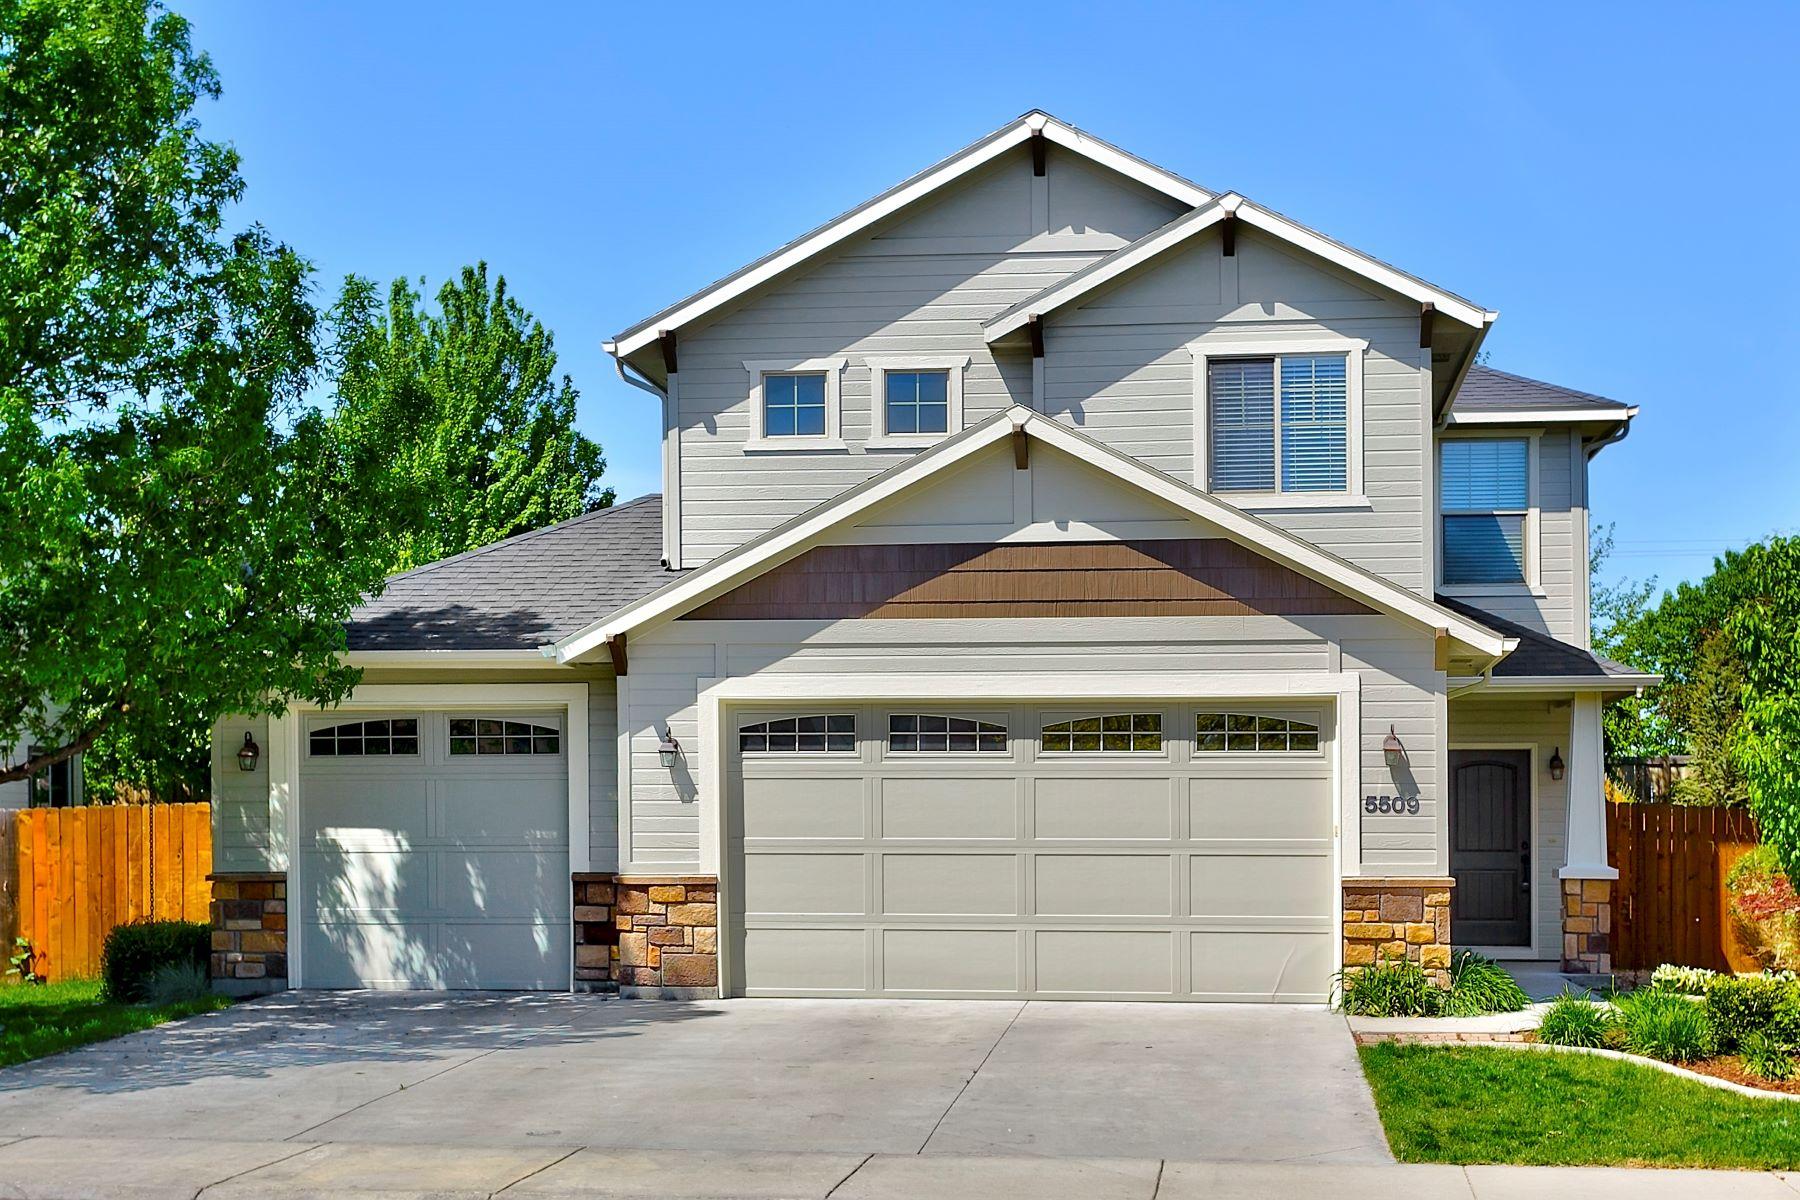 Частный односемейный дом для того Продажа на 5509 Beaham Avenue, Meridian 5509 N Beaham Ave Meridian, Айдахо, 83646 Соединенные Штаты